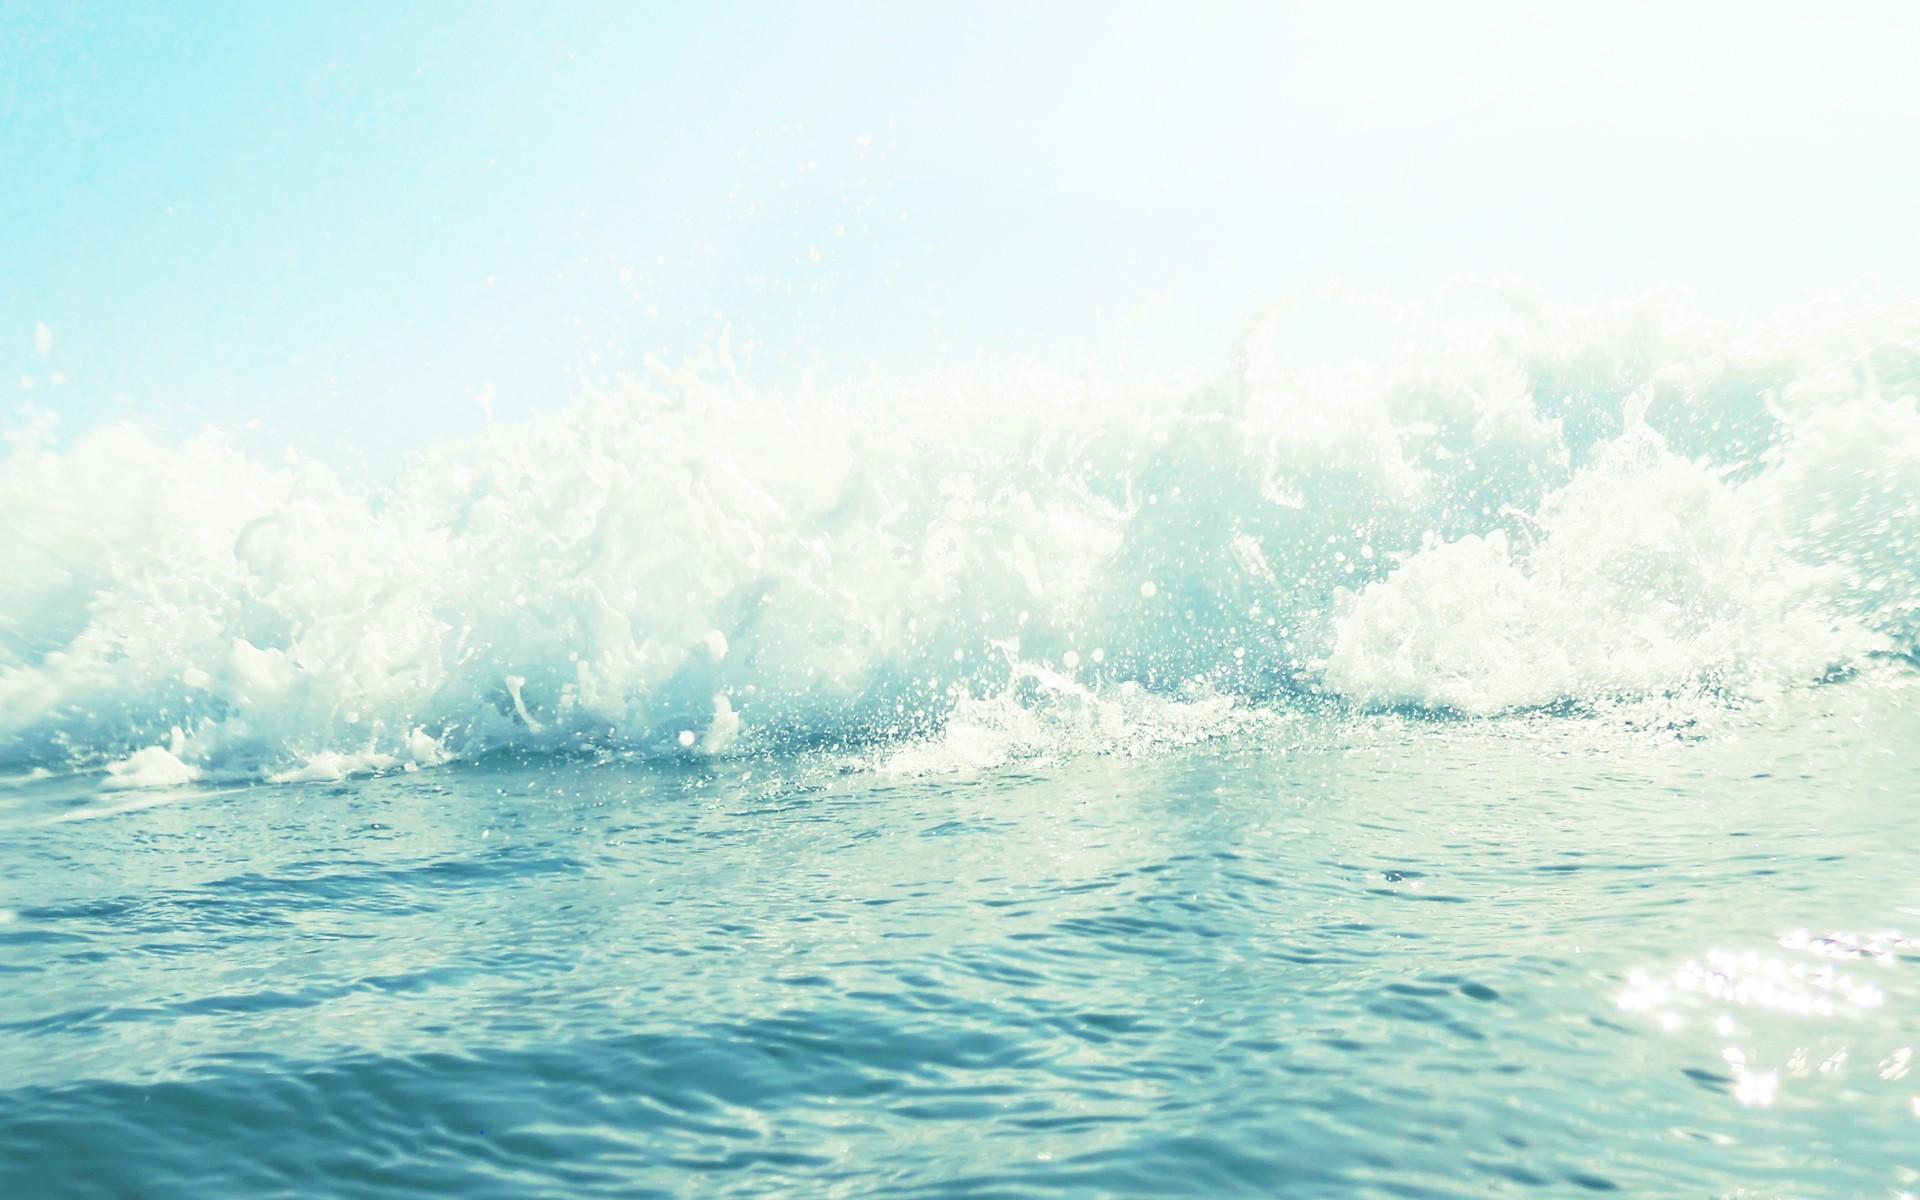 Ocean Bokeh Pictures